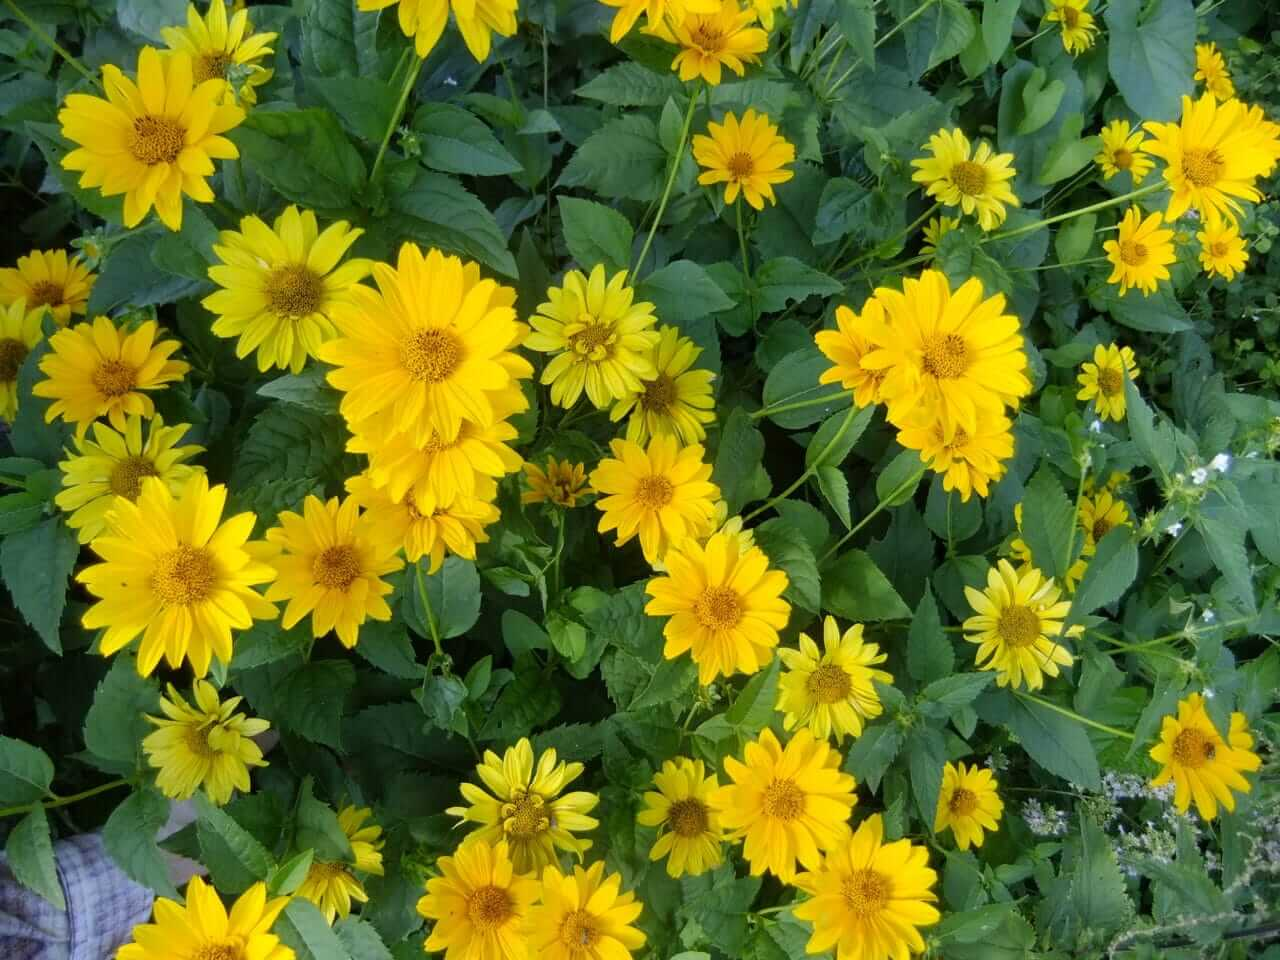 gro e liste mit nektarpflanzen f r bienen und hummeln die netz lupe. Black Bedroom Furniture Sets. Home Design Ideas